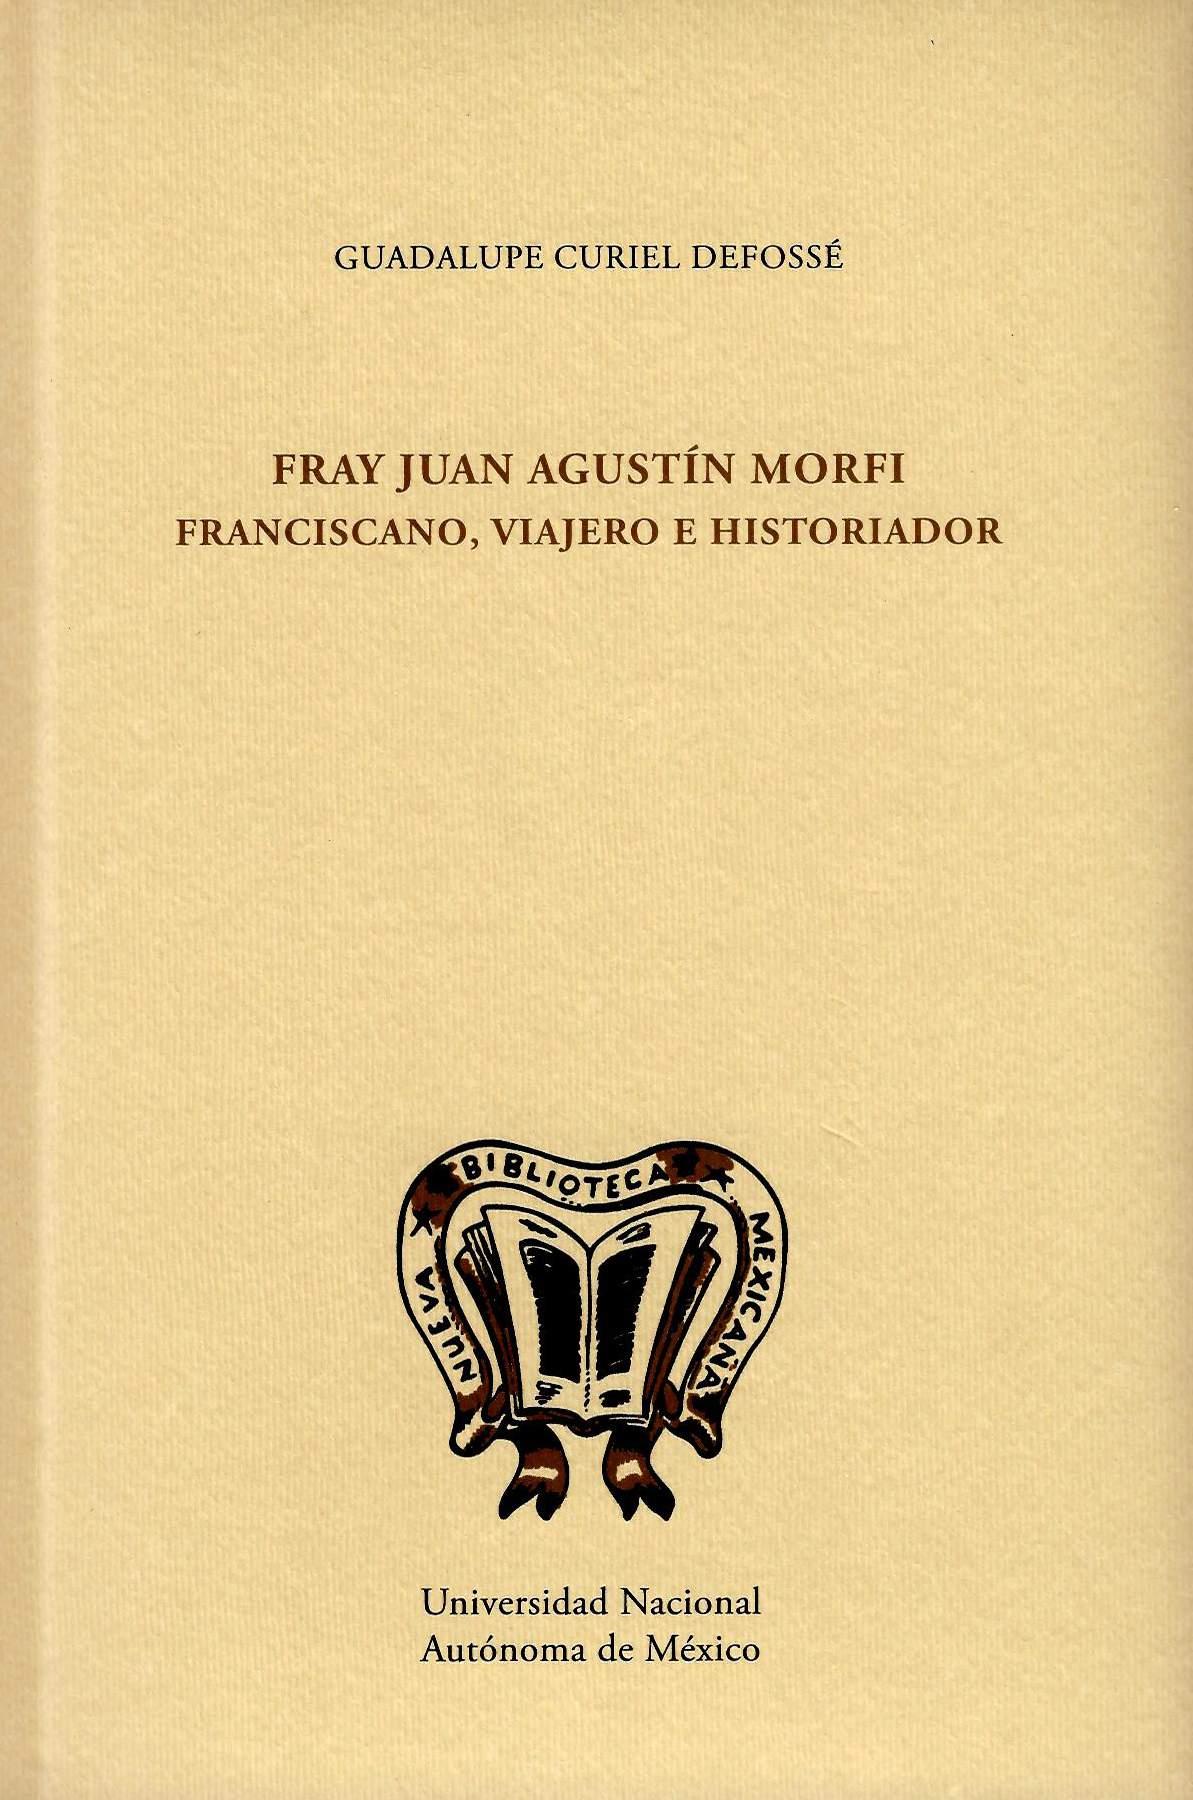 Fray Juan Agustín Morfi: franciscano, viajero e historiador